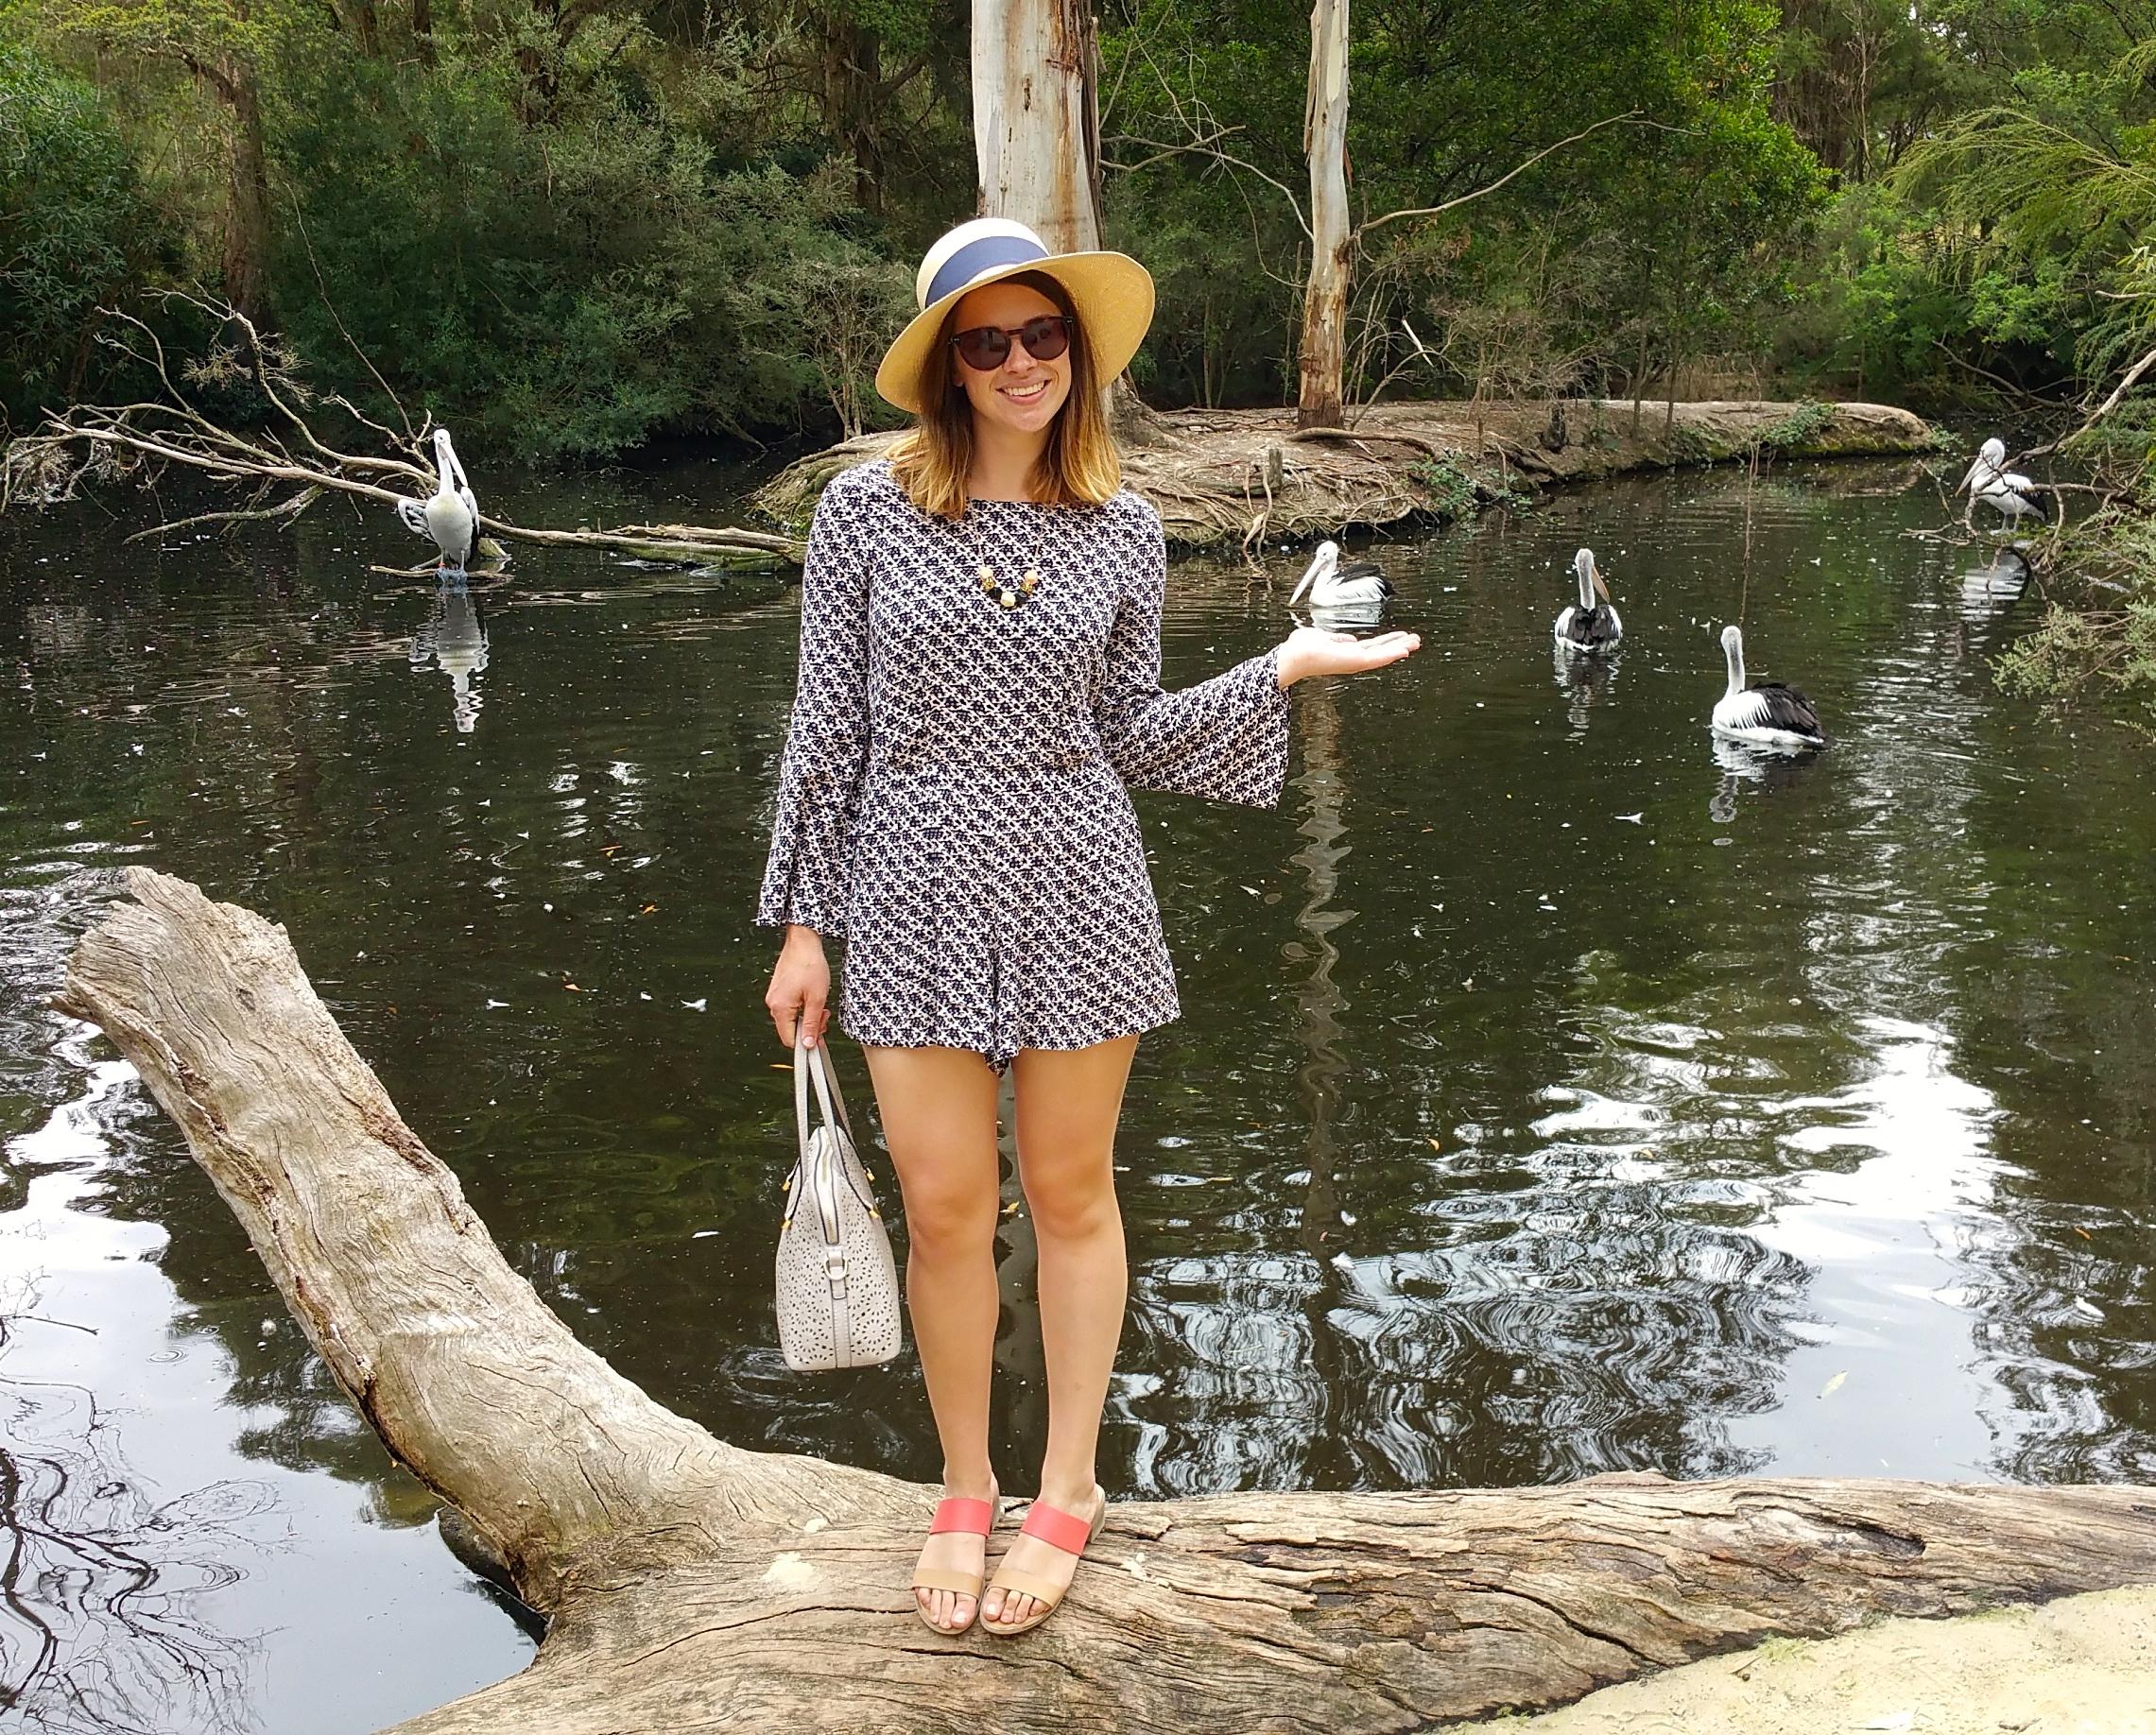 blue-playsuit-pond-pink-sandels-straw-hat